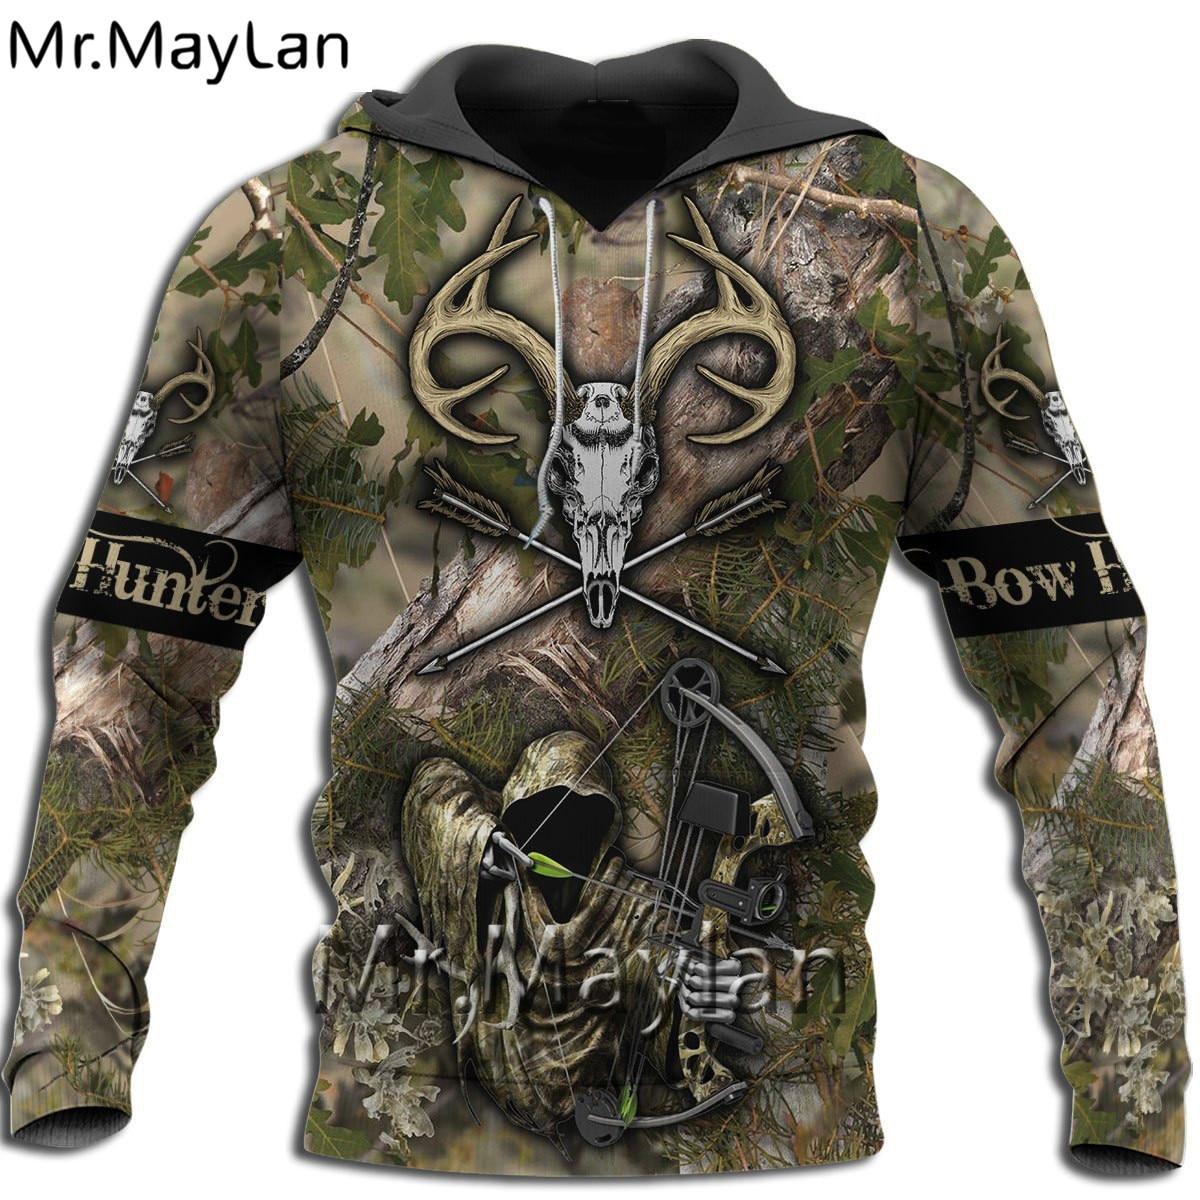 Куртка унисекс с 3D-принтом и бантом, Повседневная Уличная одежда в стиле Харадзюку для мужчин и женщин, G948